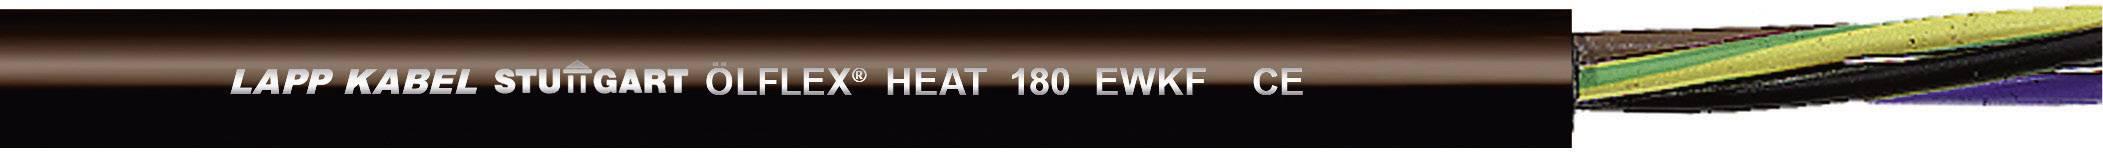 Vysokoteplotné vedenie LappKabel ÖLFLEX® HEAT 180 EWKF 0046512, 3 x 1.50 mm², vonkajší Ø 8.50 mm, 500 V, metrový tovar, čierna